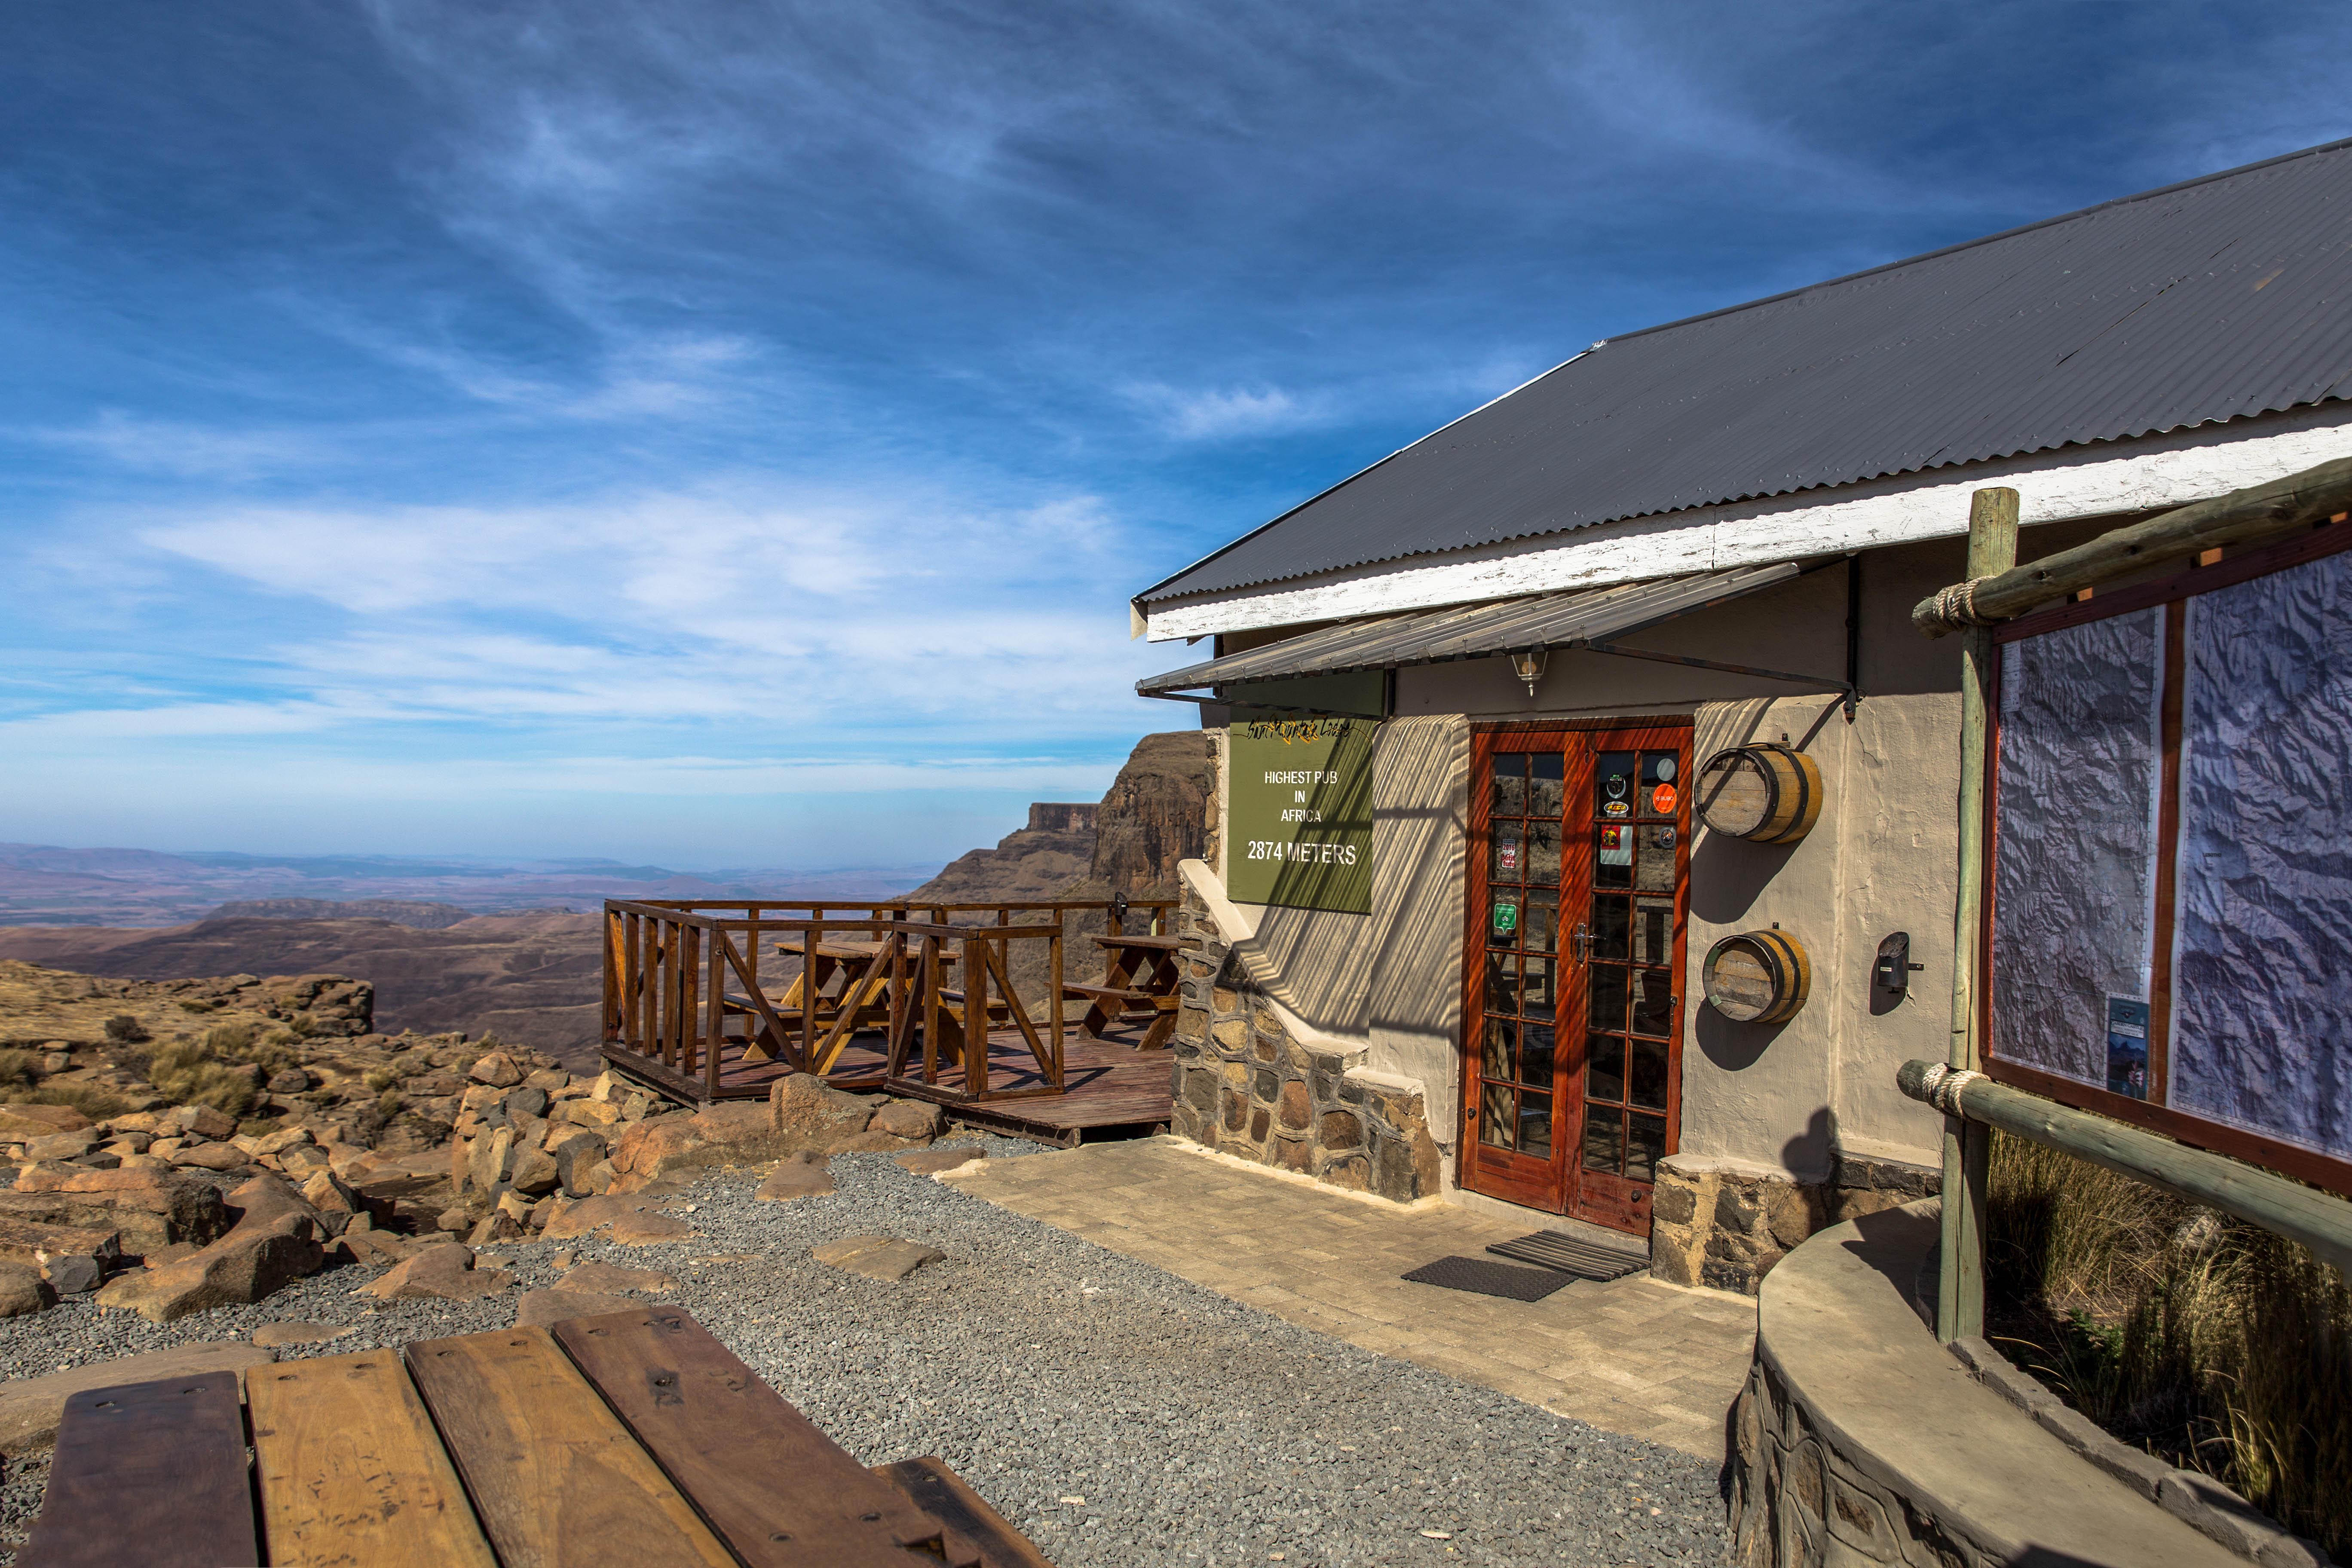 Afrikas höchster Pub auf 2.874 m